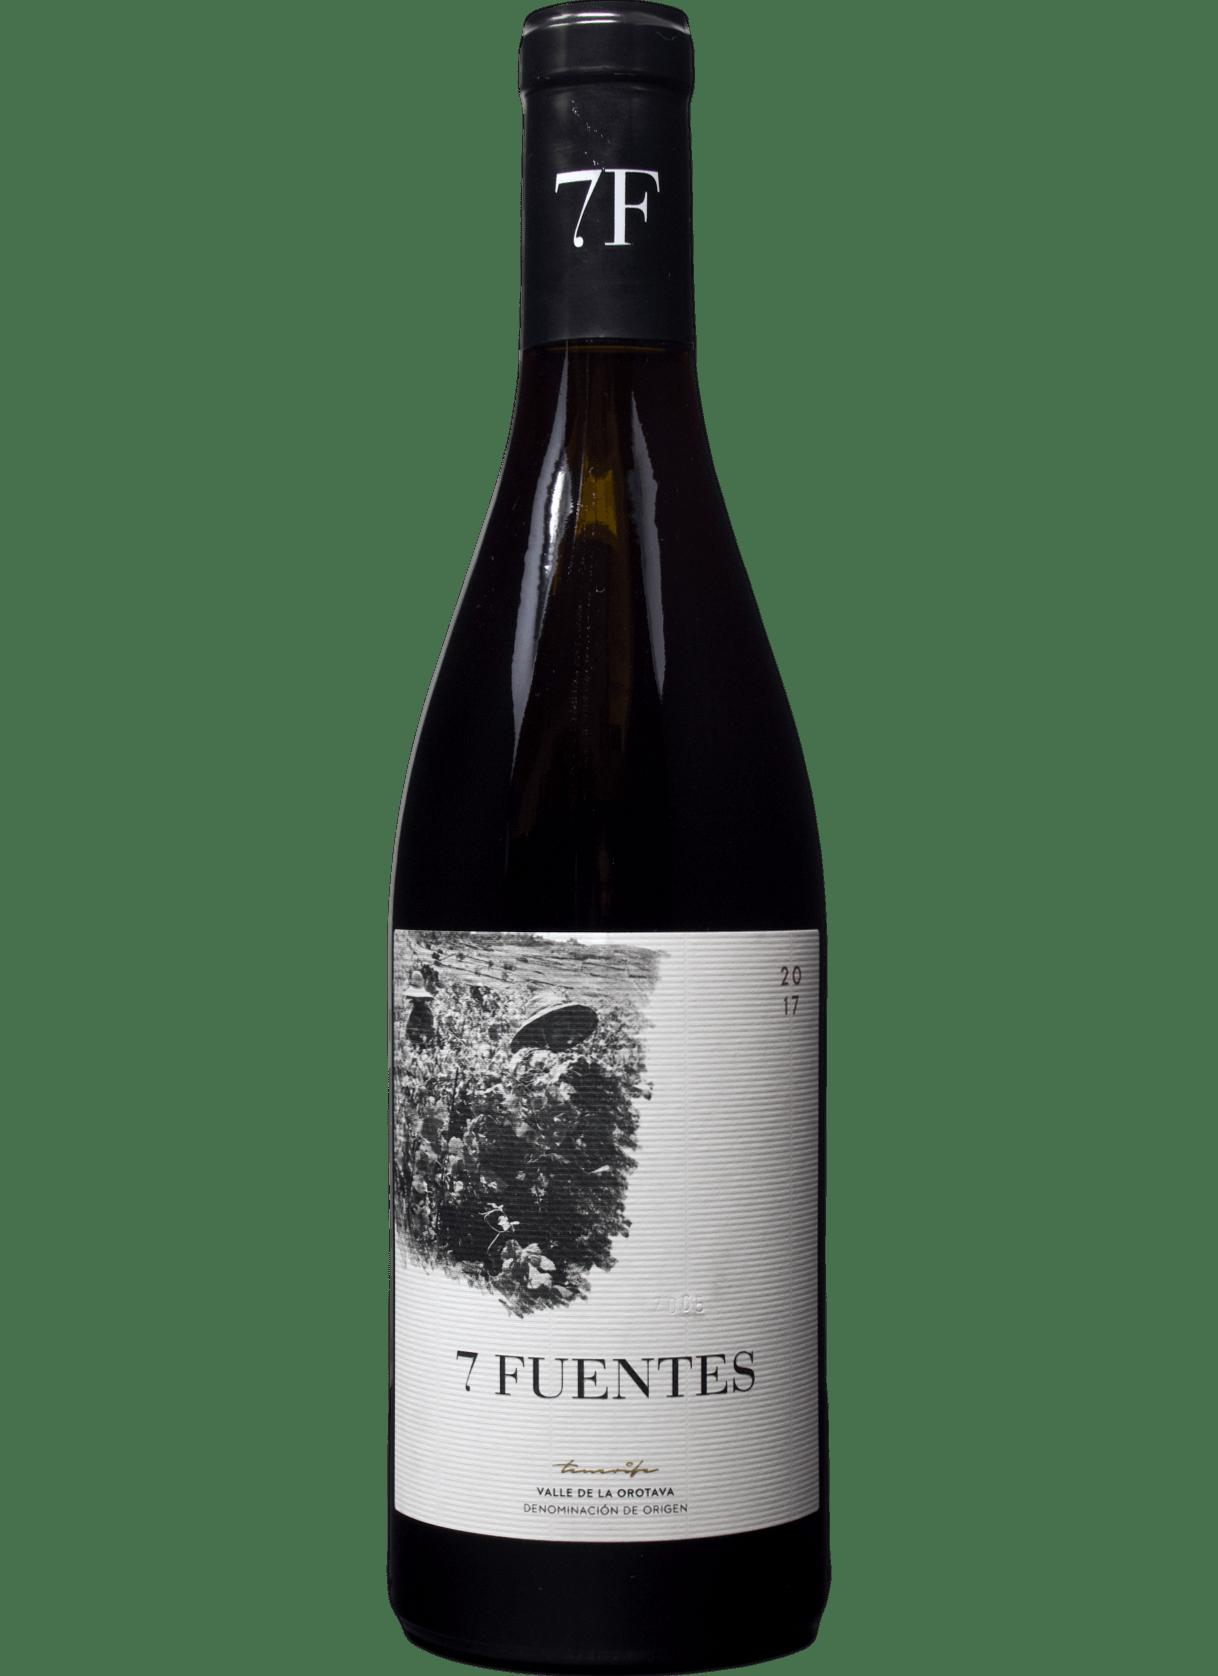 7-fuentes-2017-wine-littlewine-690363